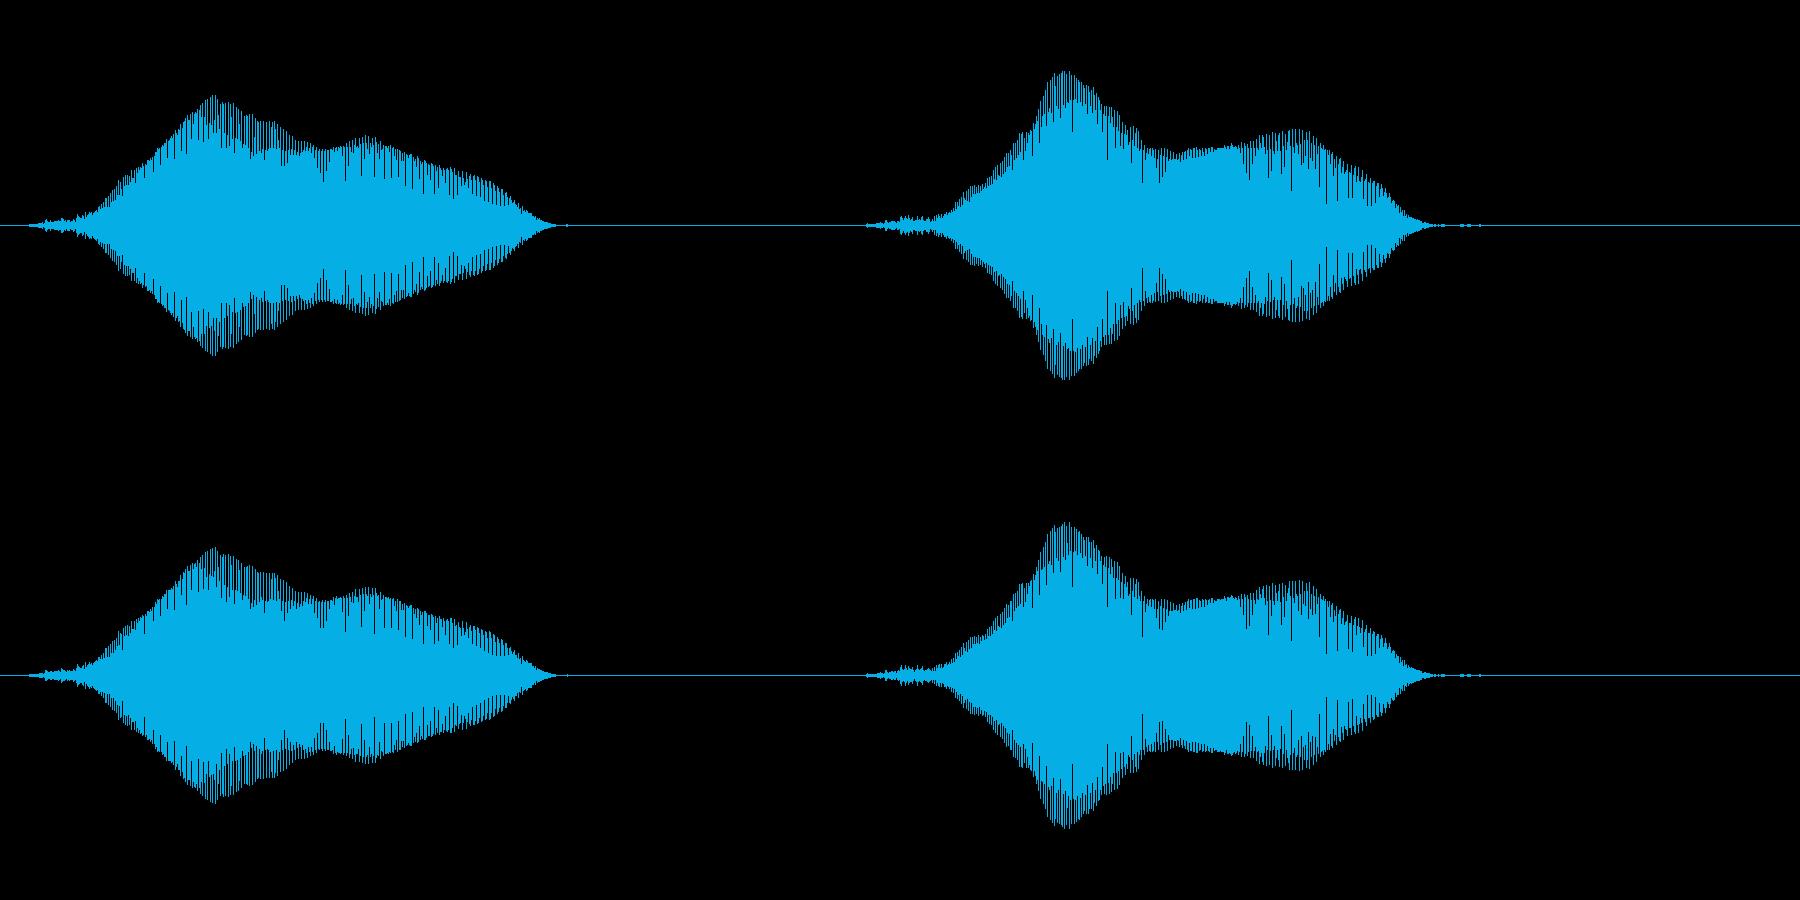 ちゅうちゅうの再生済みの波形